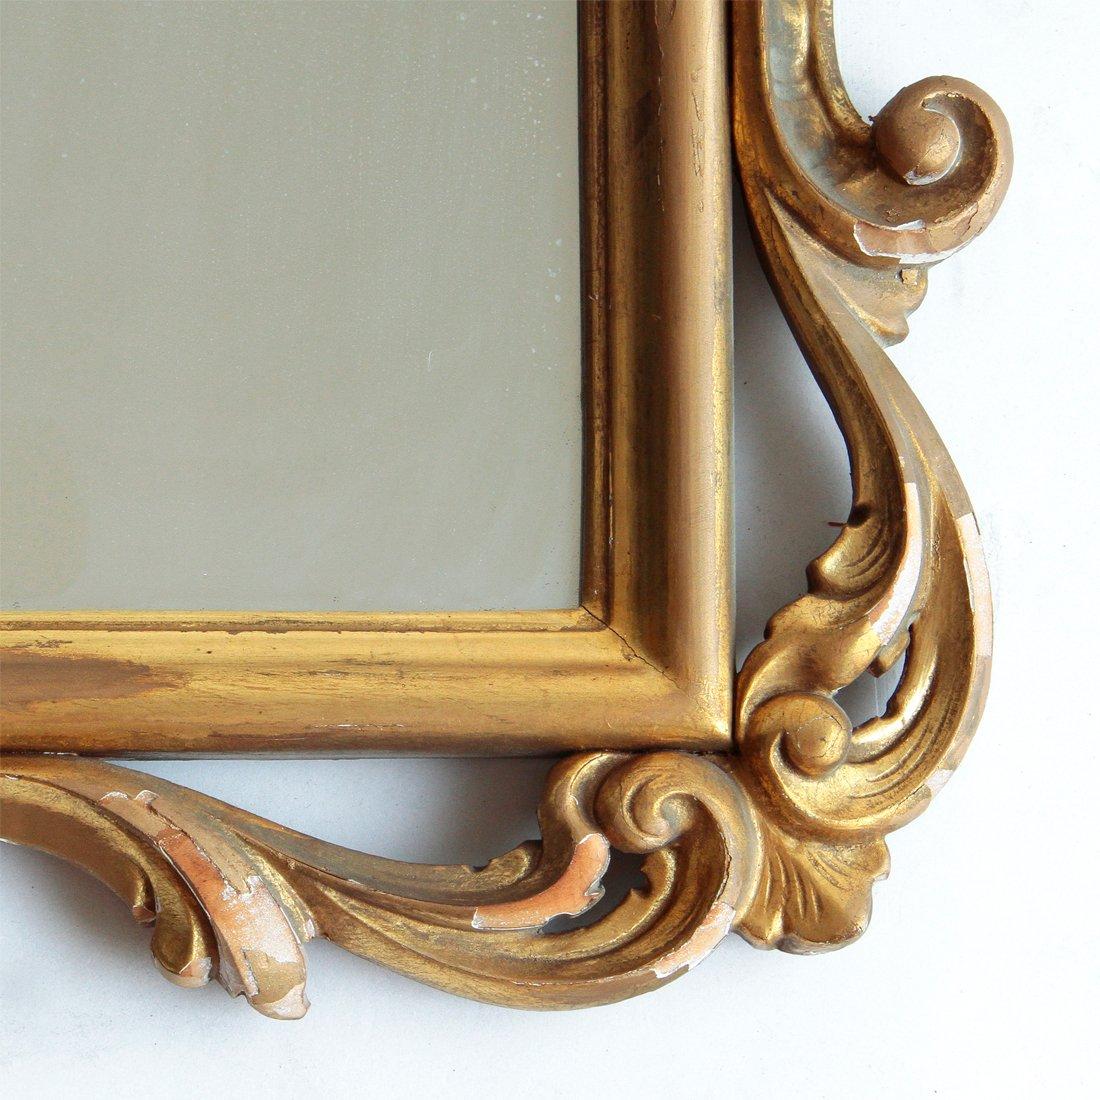 Grand miroir avec cadre dor italie 1940s en vente sur for Miroir cadre dore